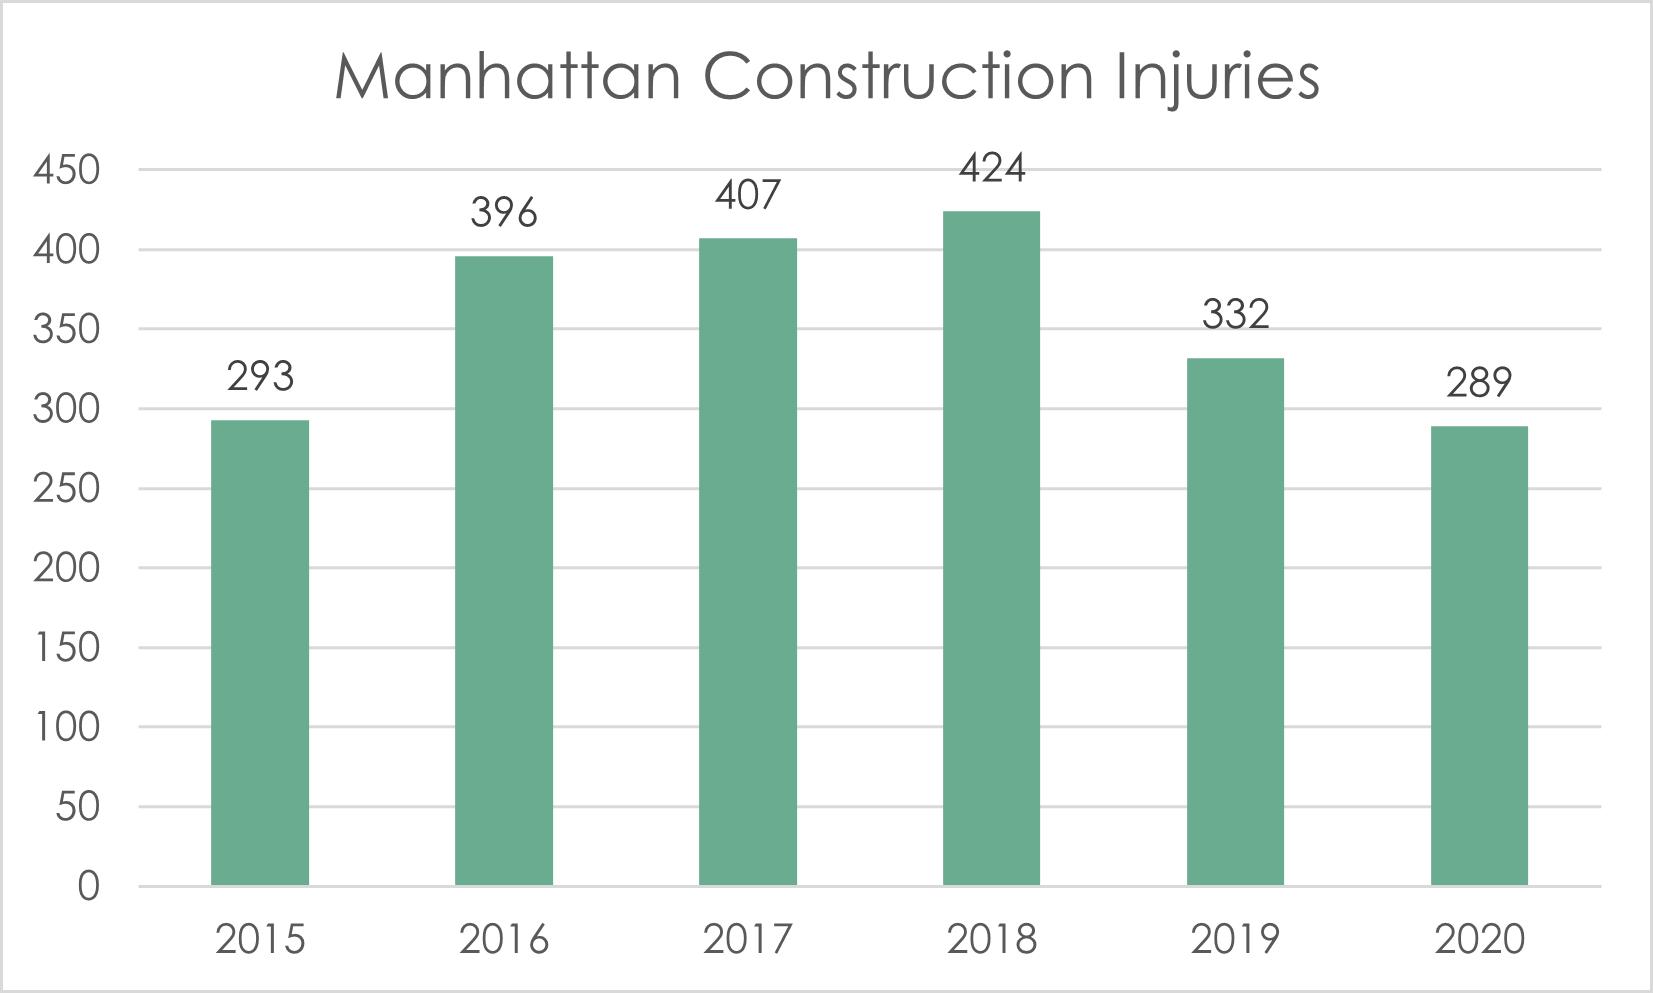 Manhattan construction accident injuries 2020